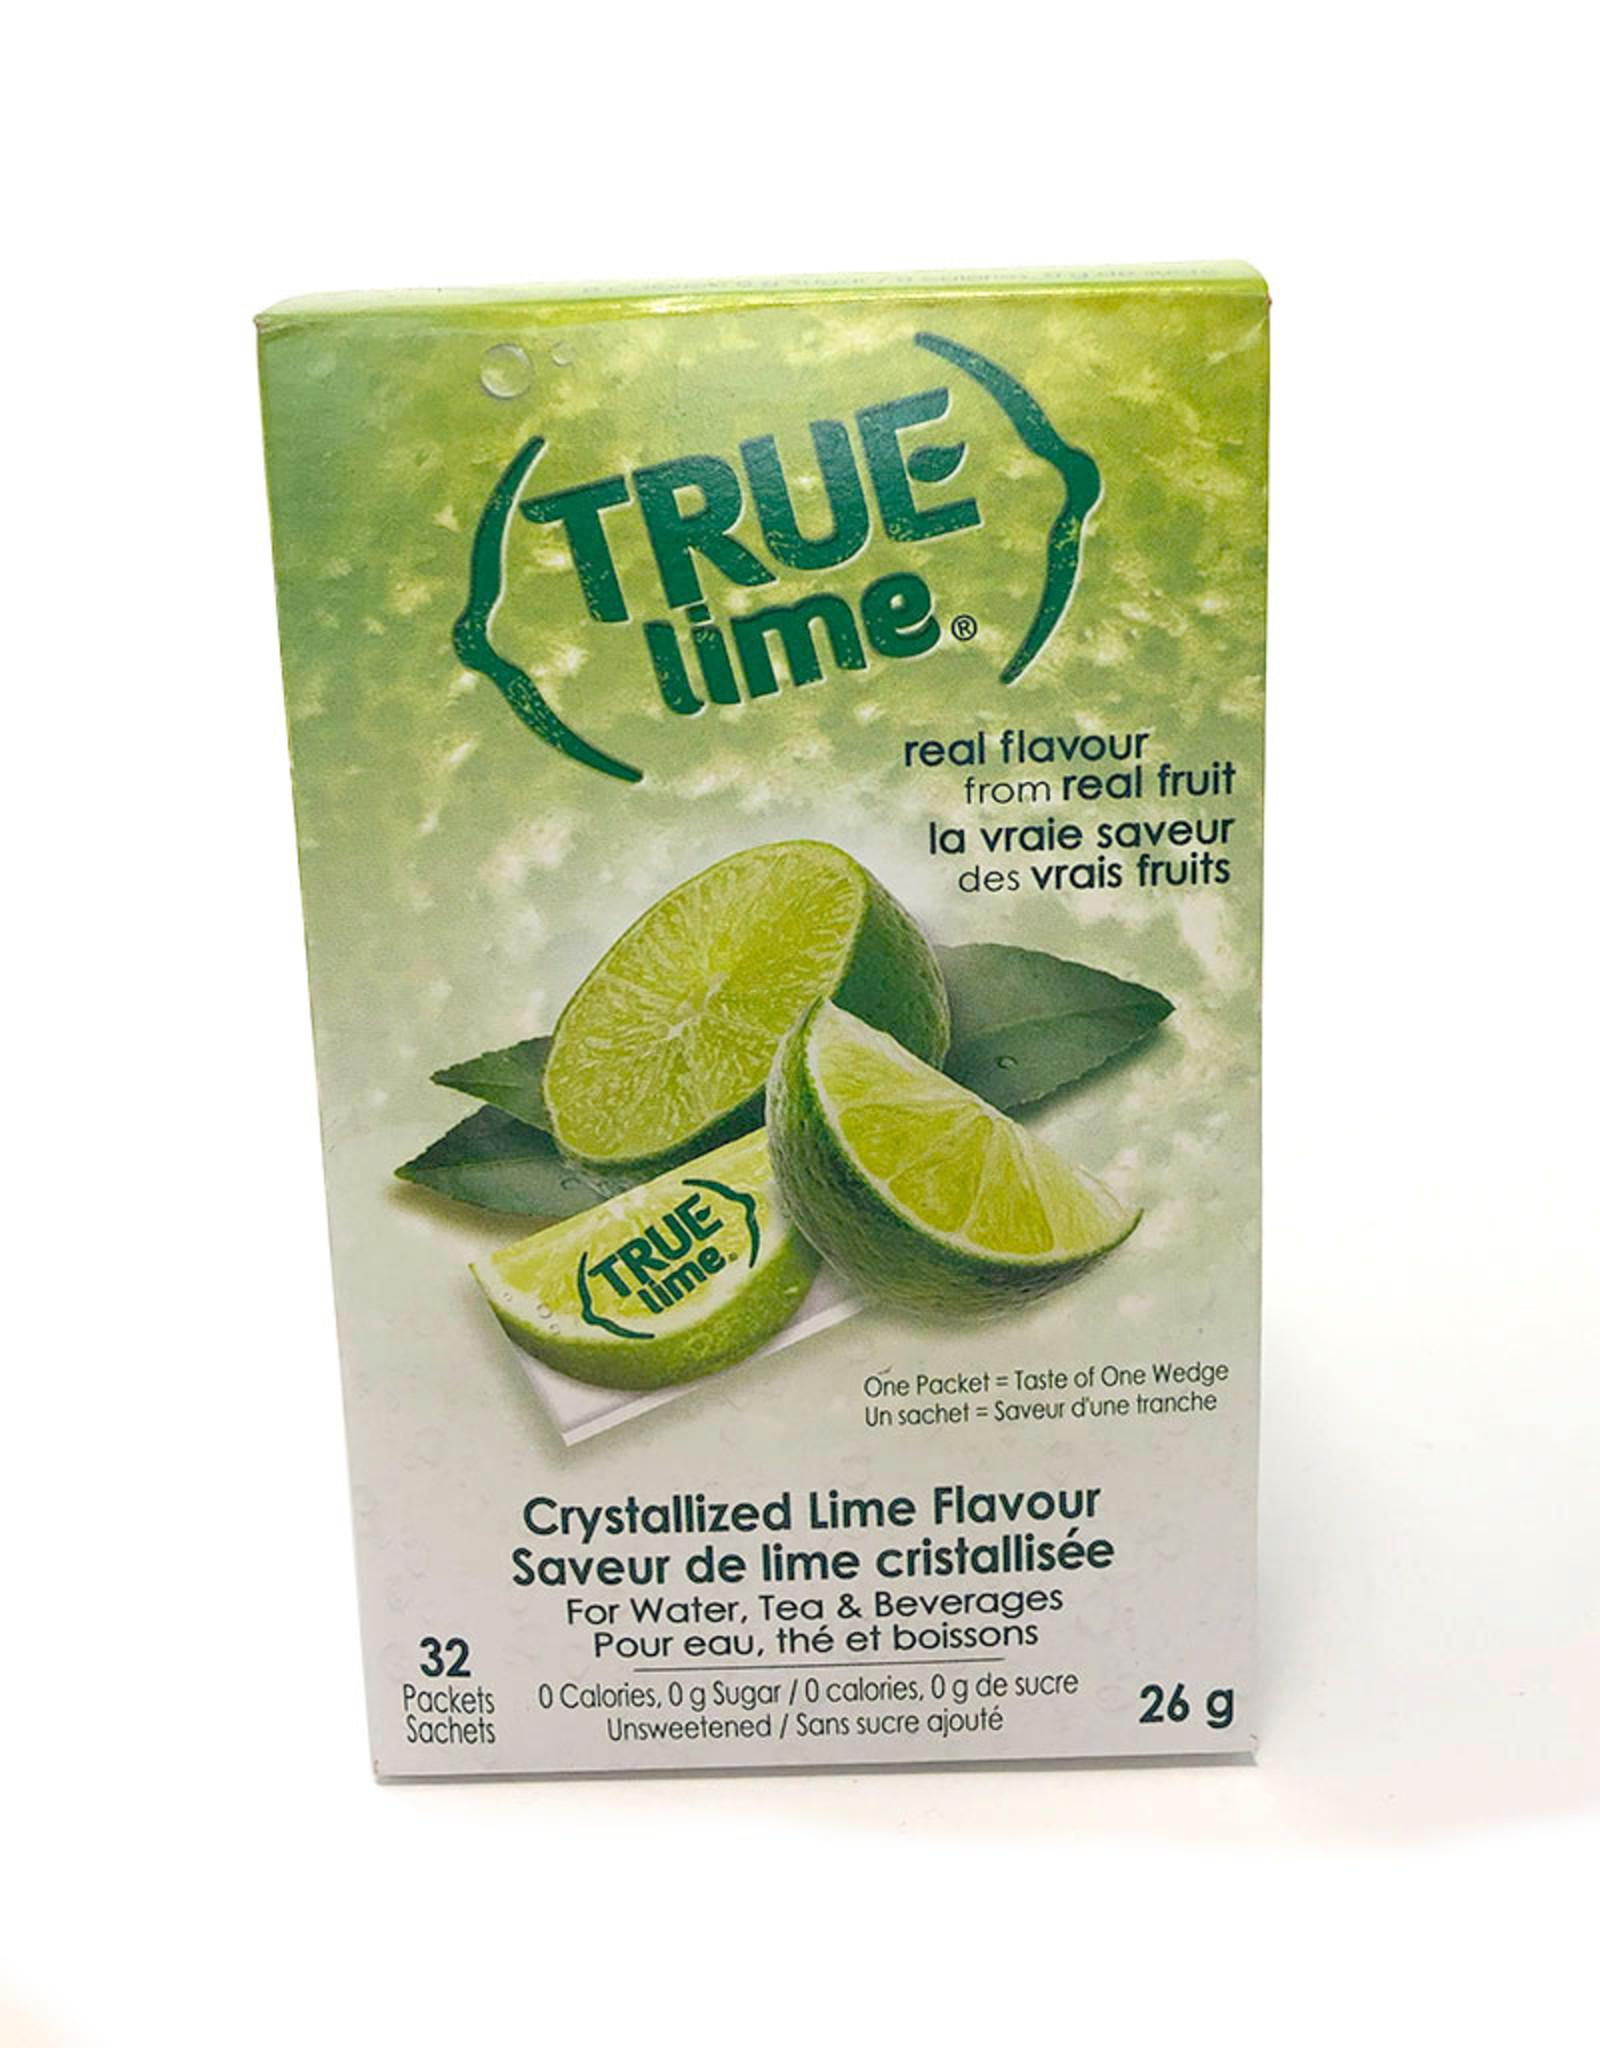 True Citrus True Citrus - True Lime (32pk)